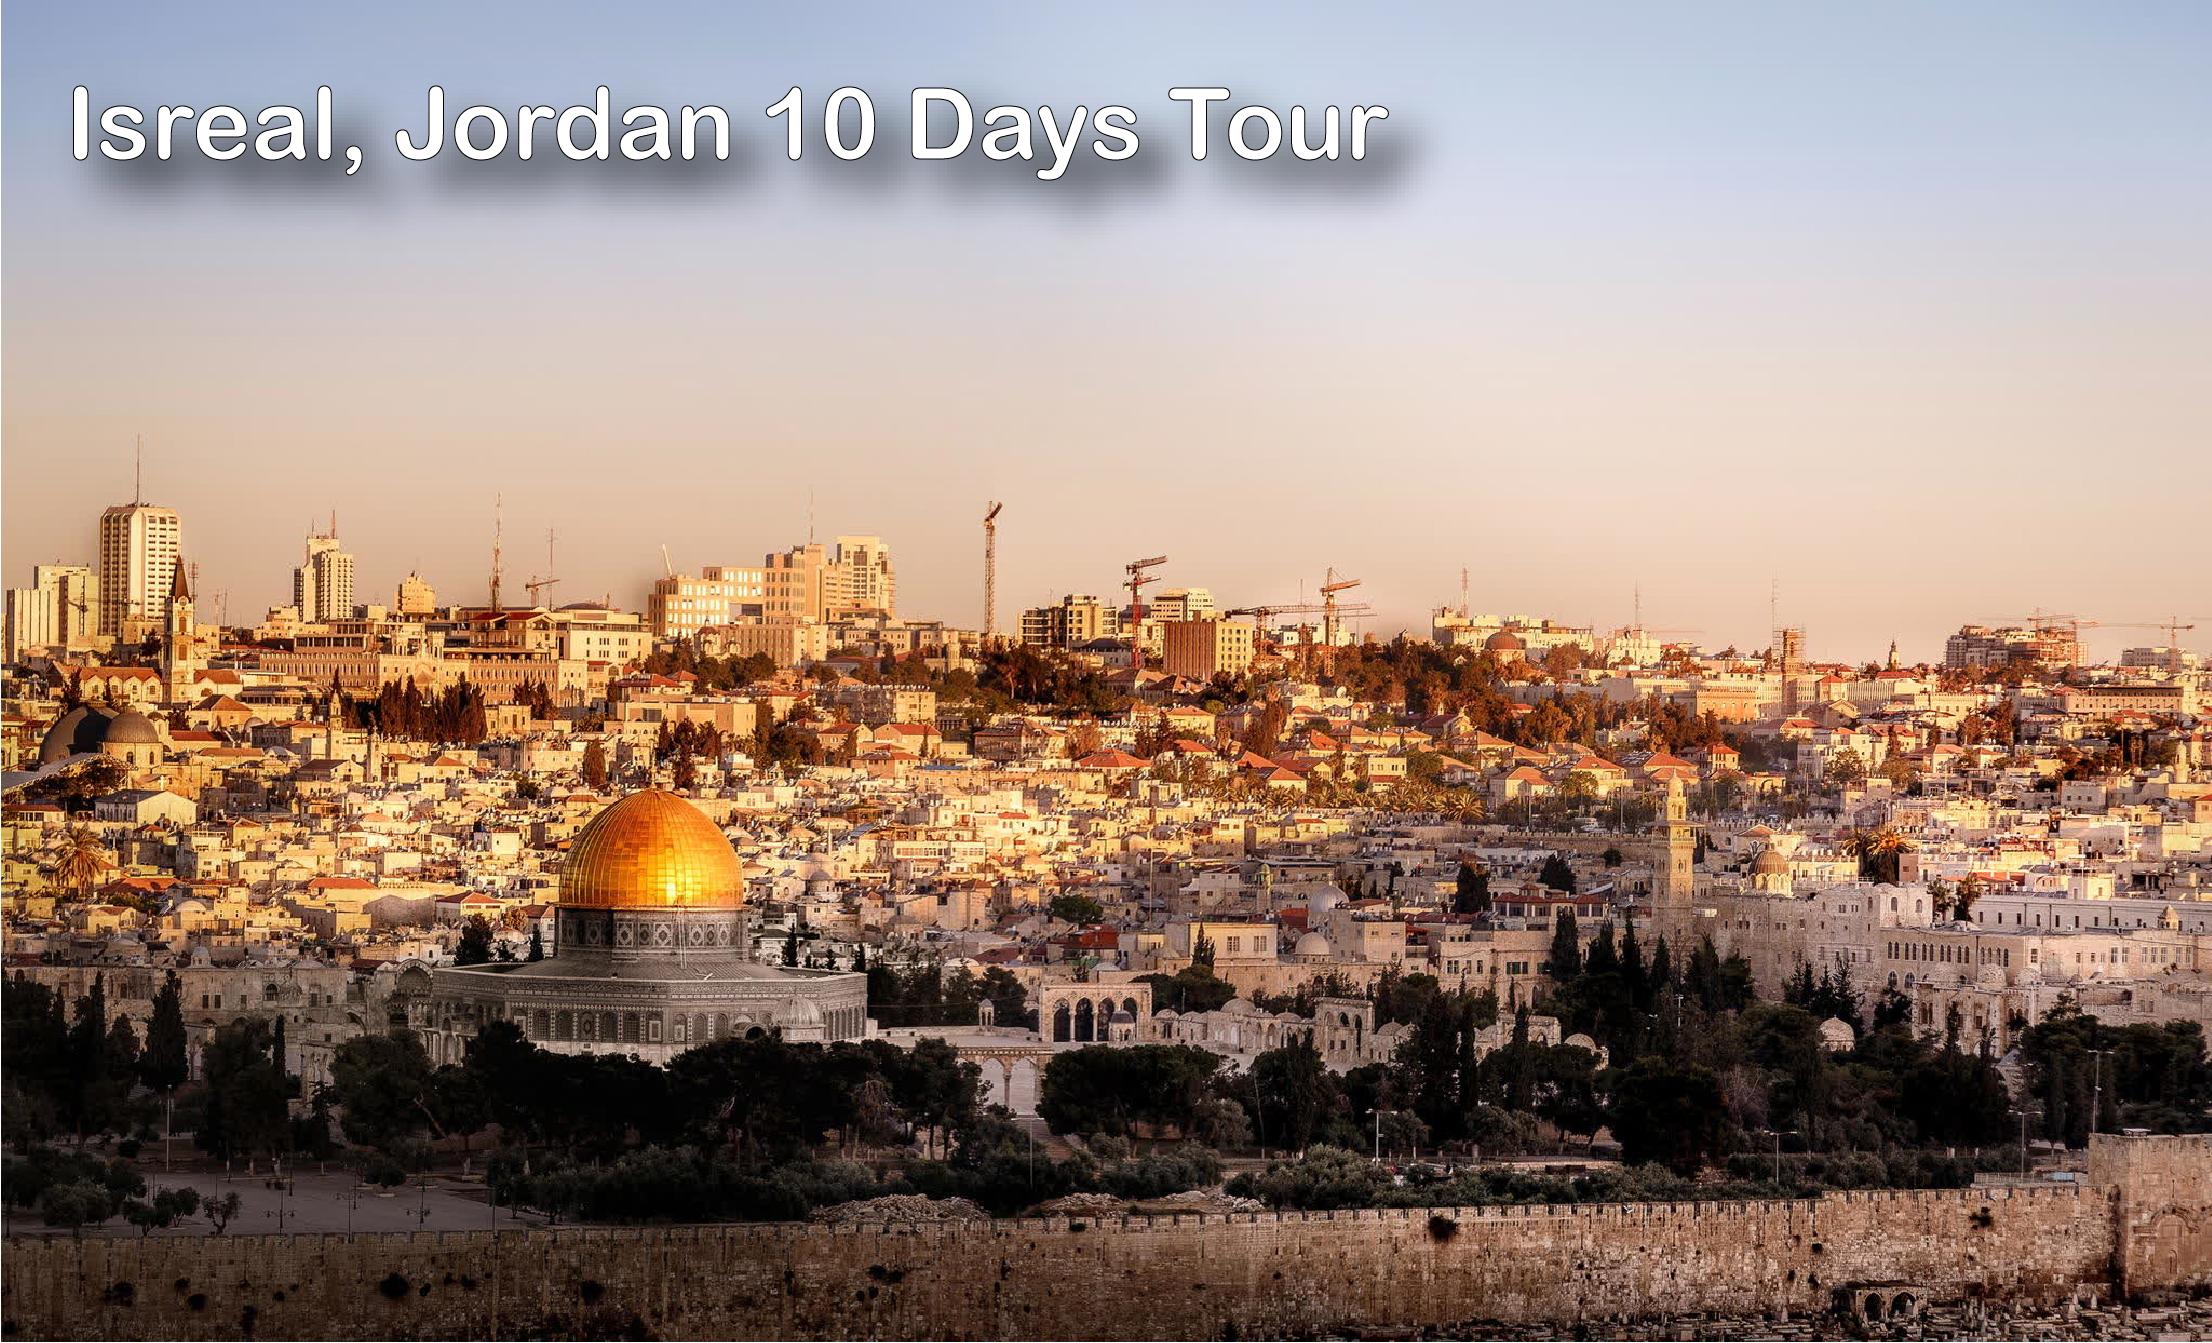 Isreal, Jordan 10 days Tour